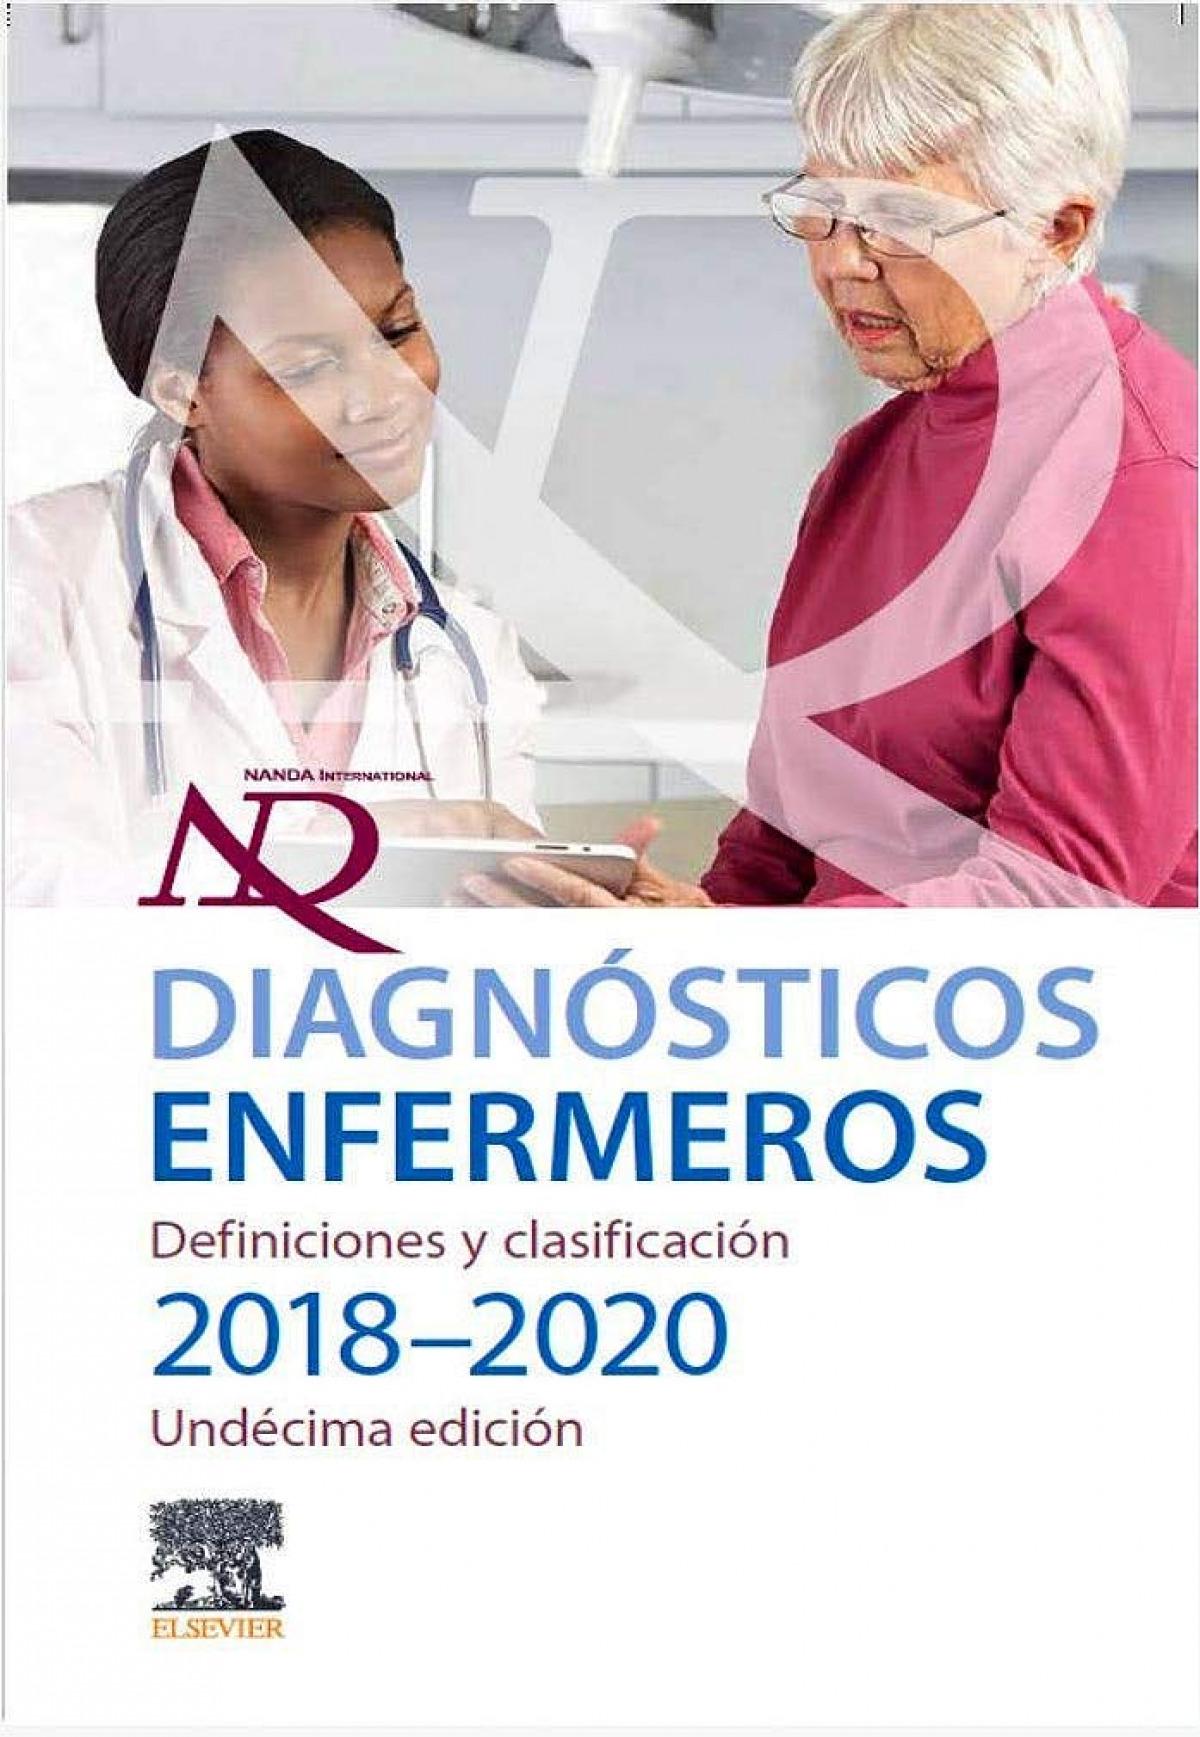 DIAGNÓSTICOS ENFERMEROS. DEFINICIONES Y CLASIFICACIÓN 2018/2020 9788491134497